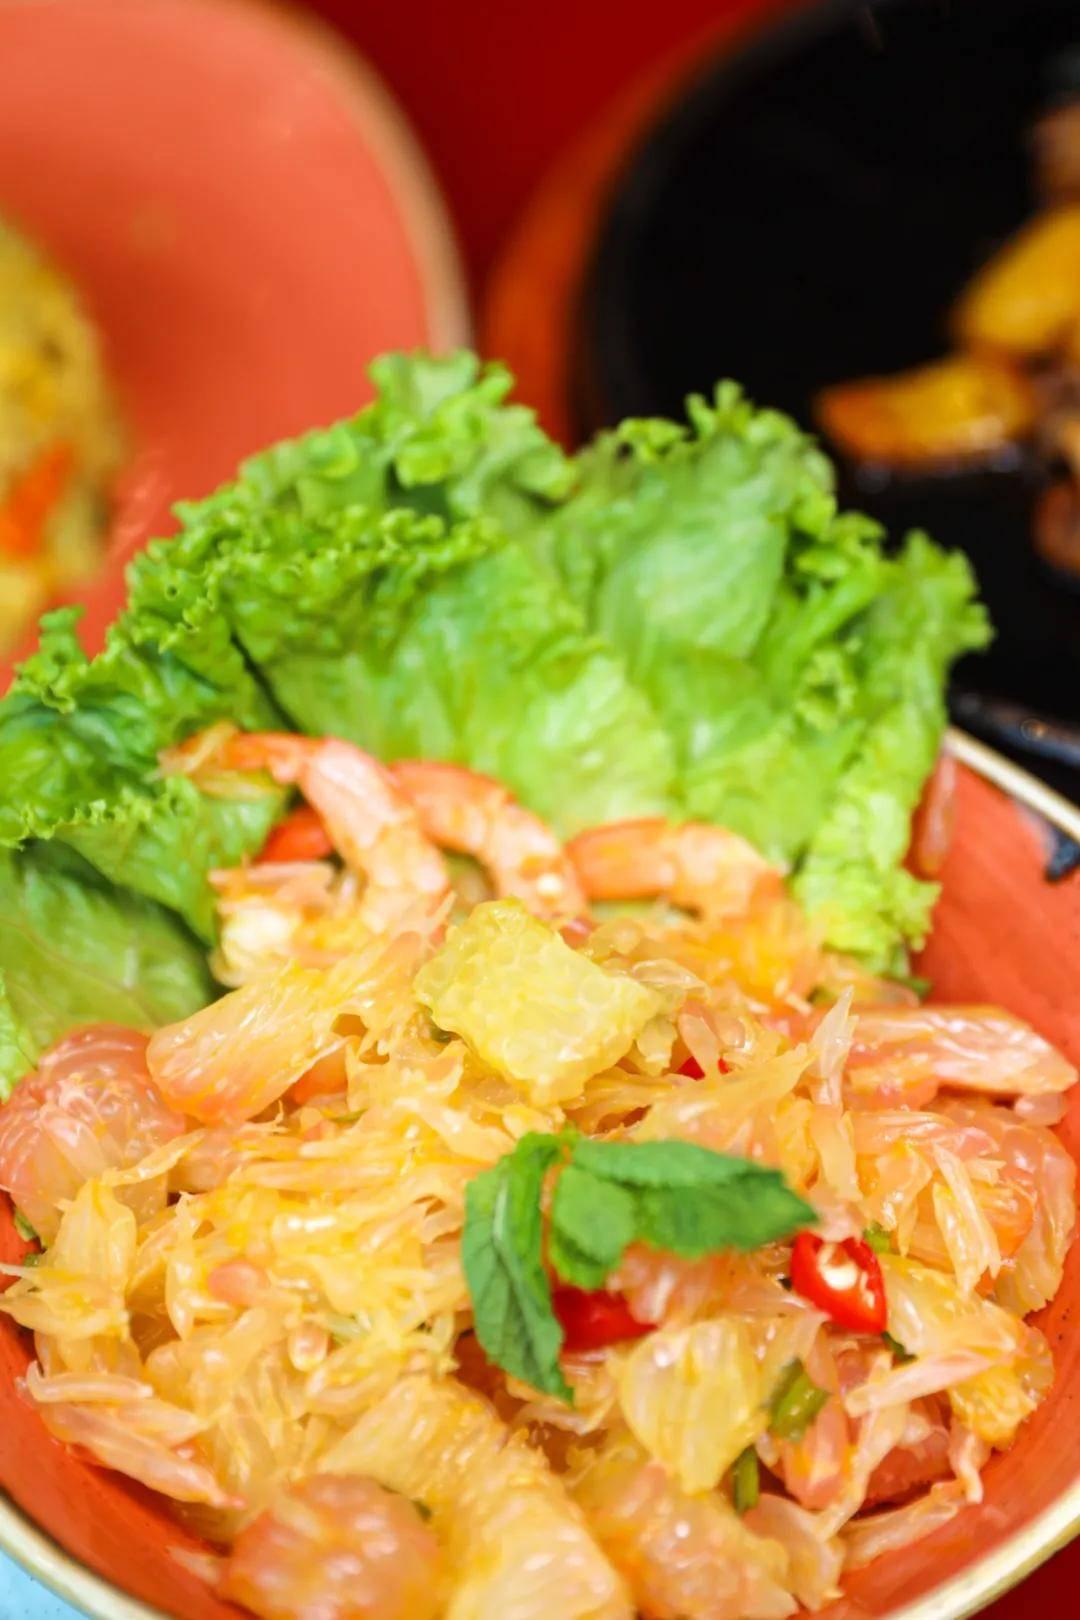 藏在這個星級酒店裡泰國菜太絕了!竟然還有東南亞下午茶?